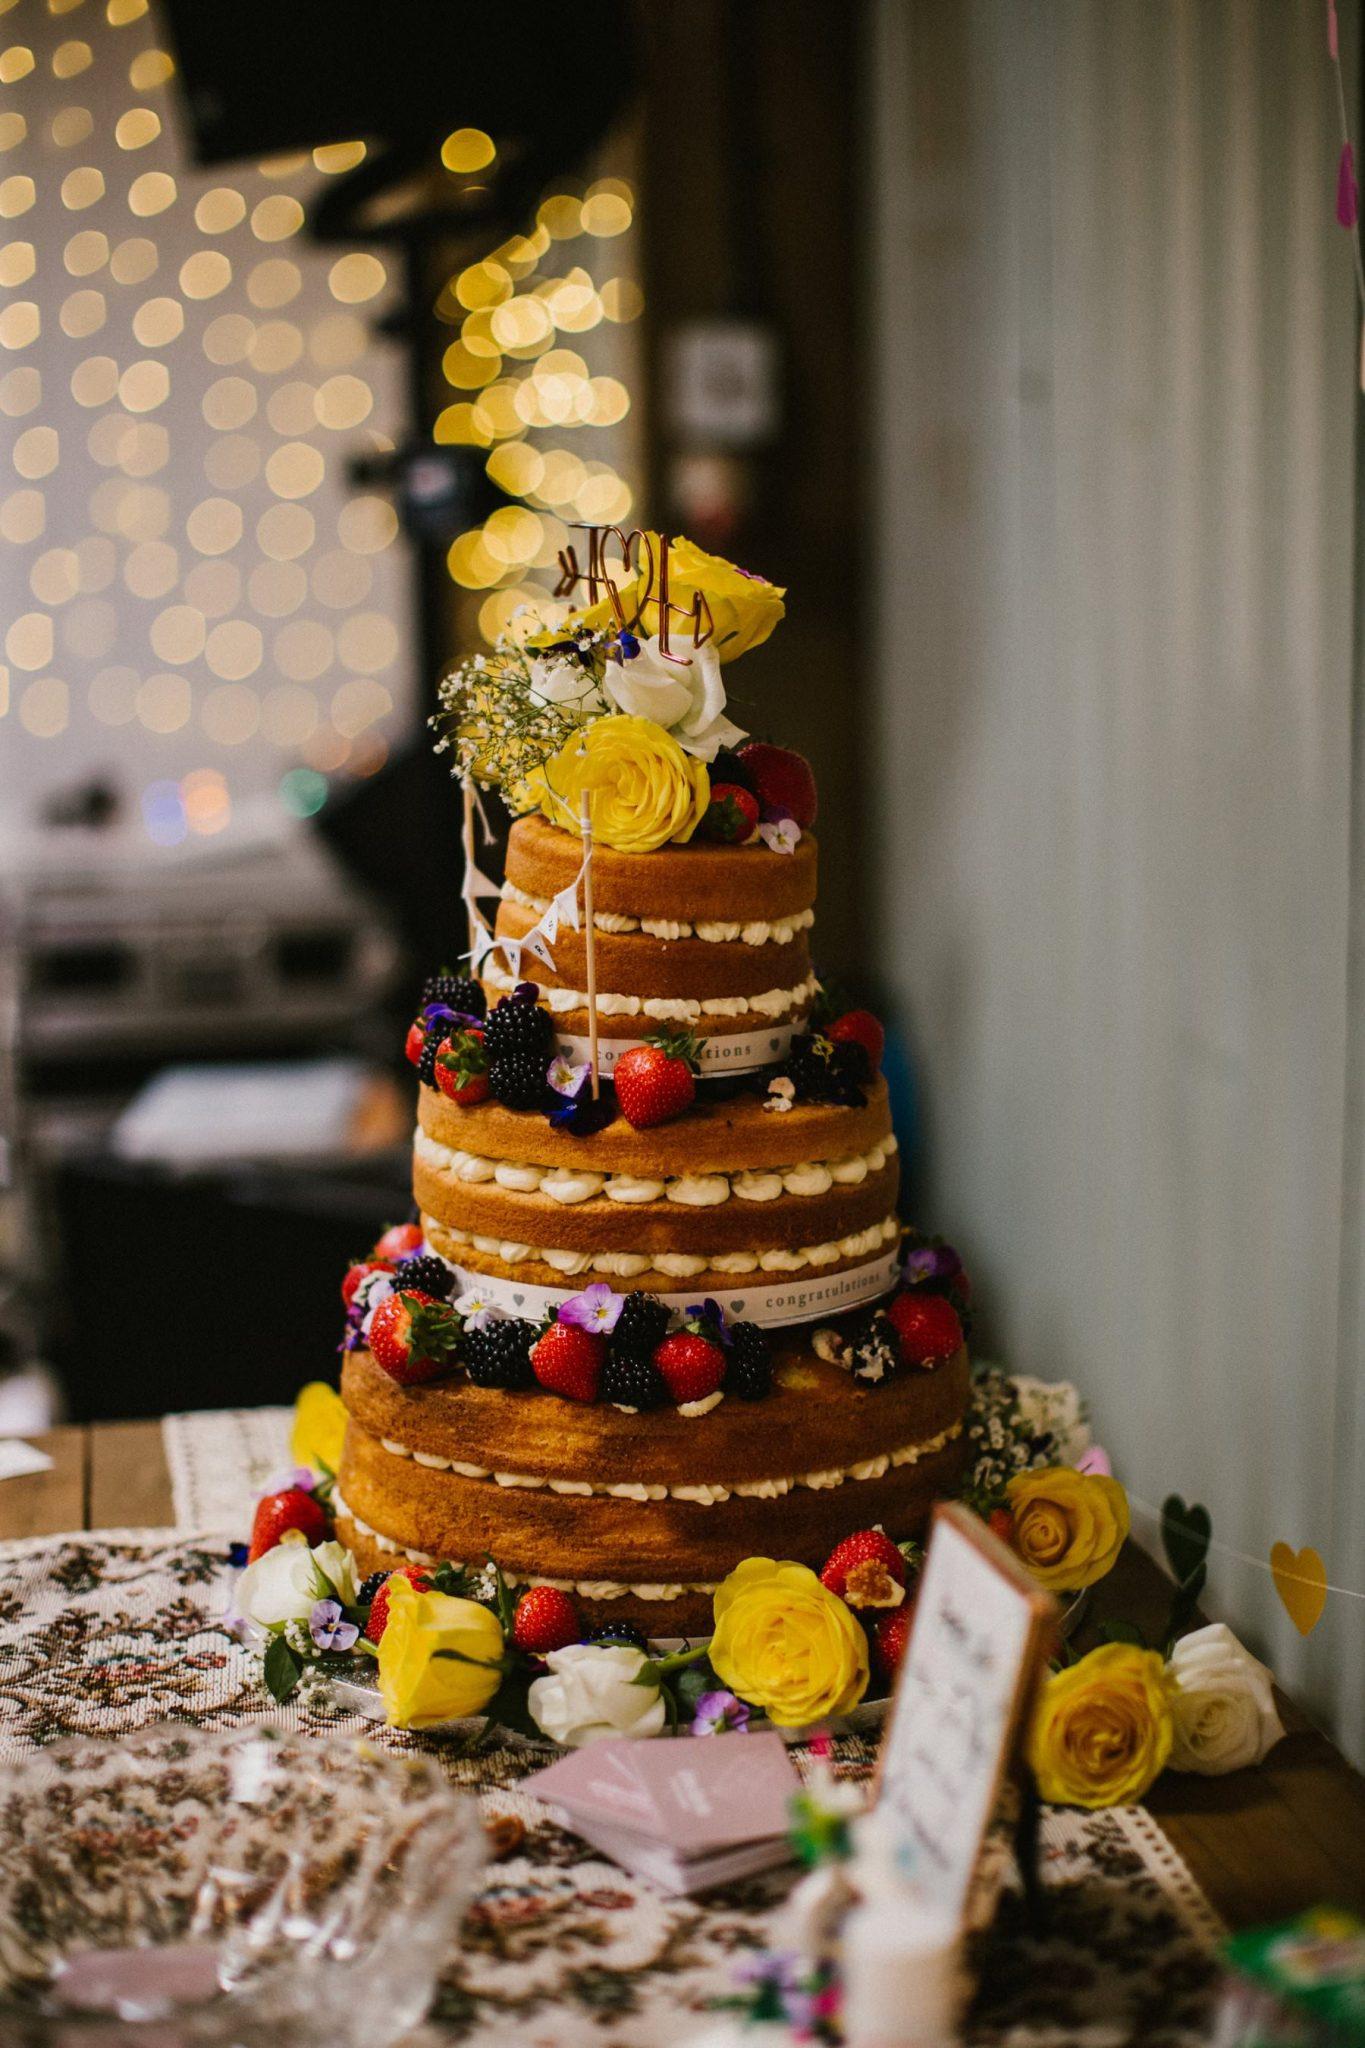 naked wedding cake wedding photo norfolk